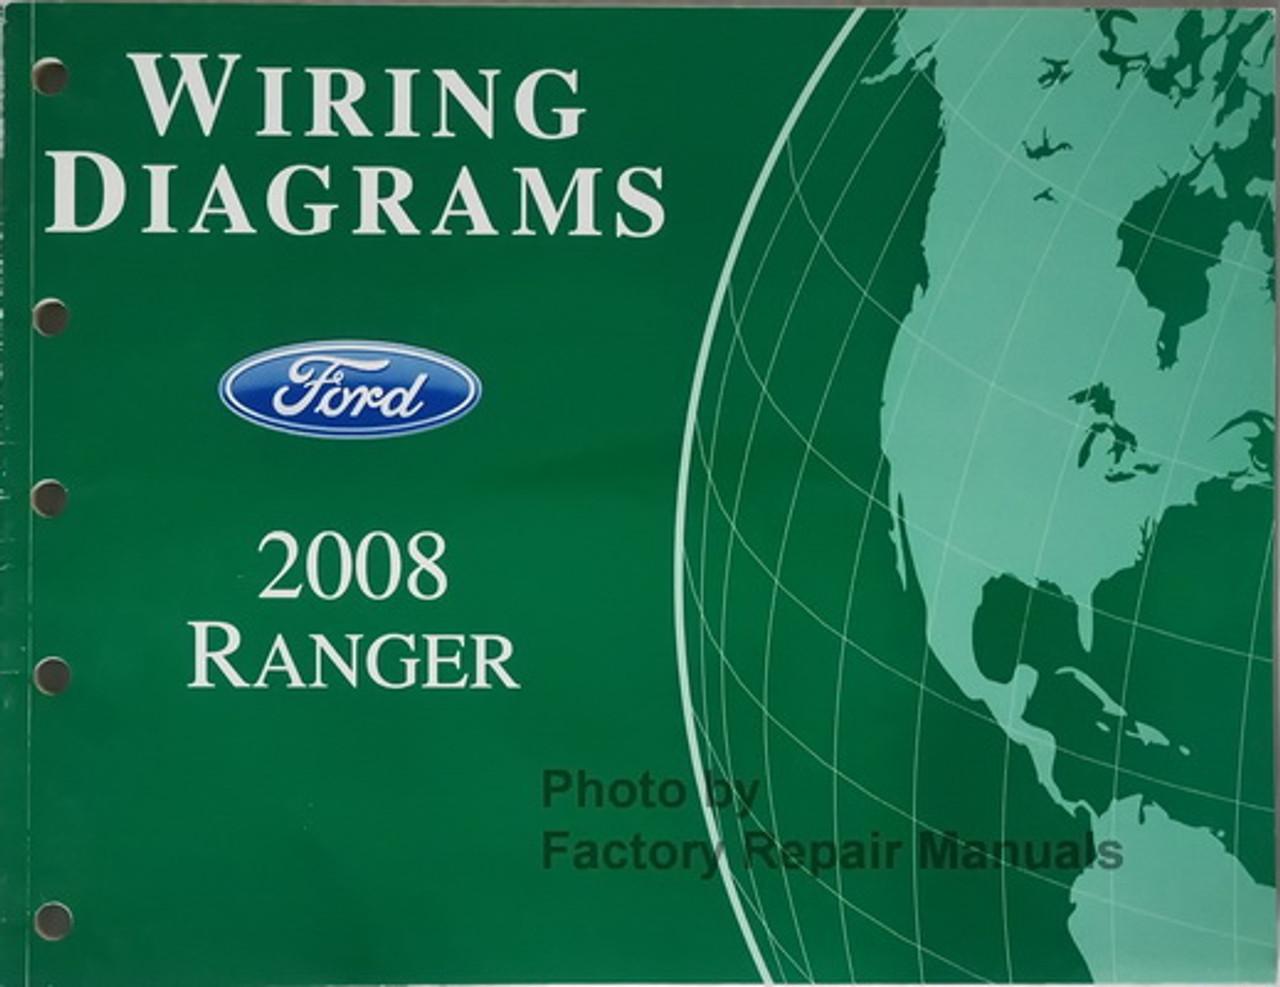 2008 Ford Ranger Truck Electrical Wiring Diagrams Original Manual Factory Repair Manuals